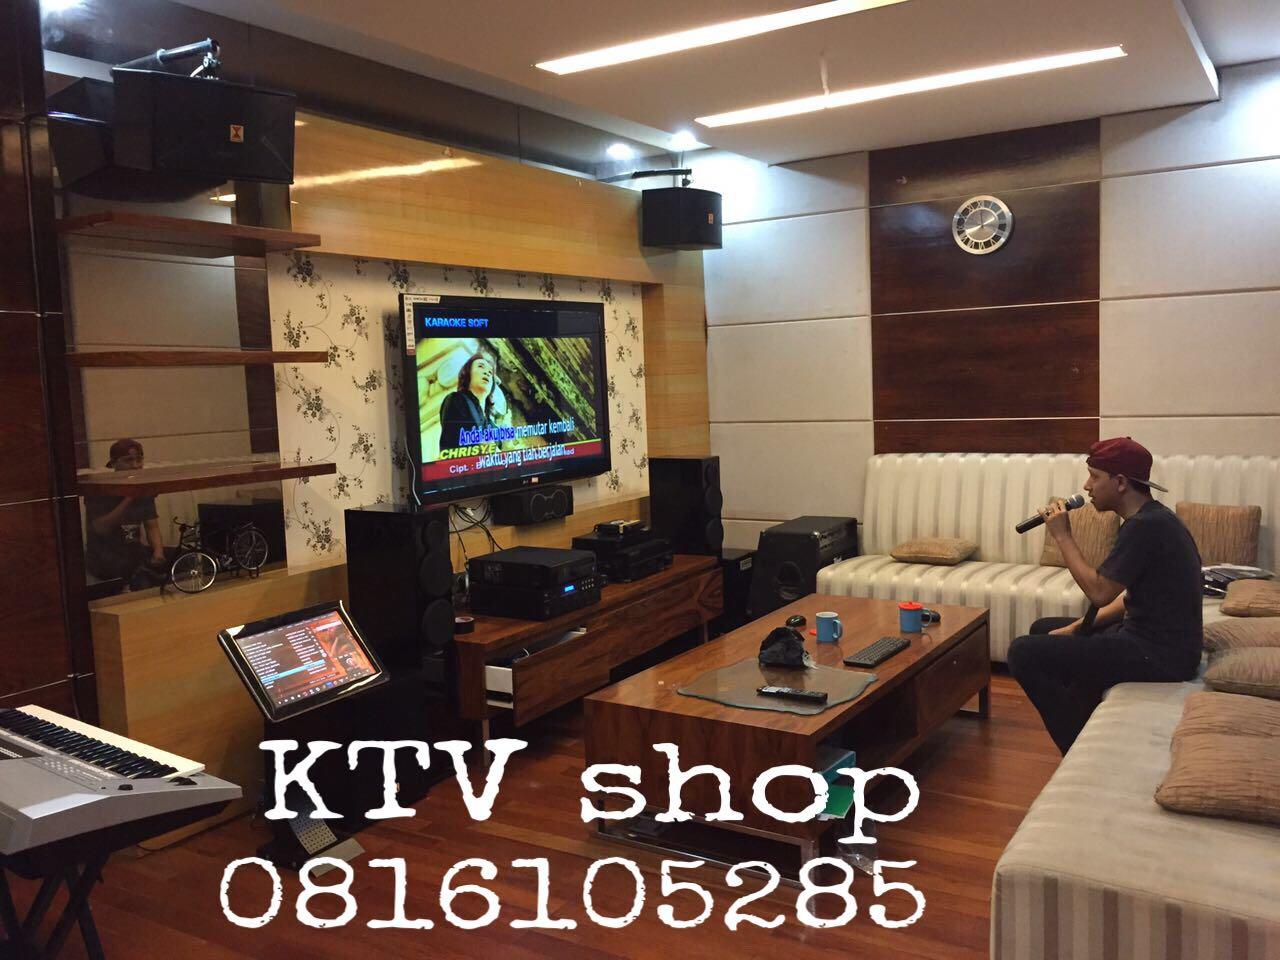 KTV SHOP